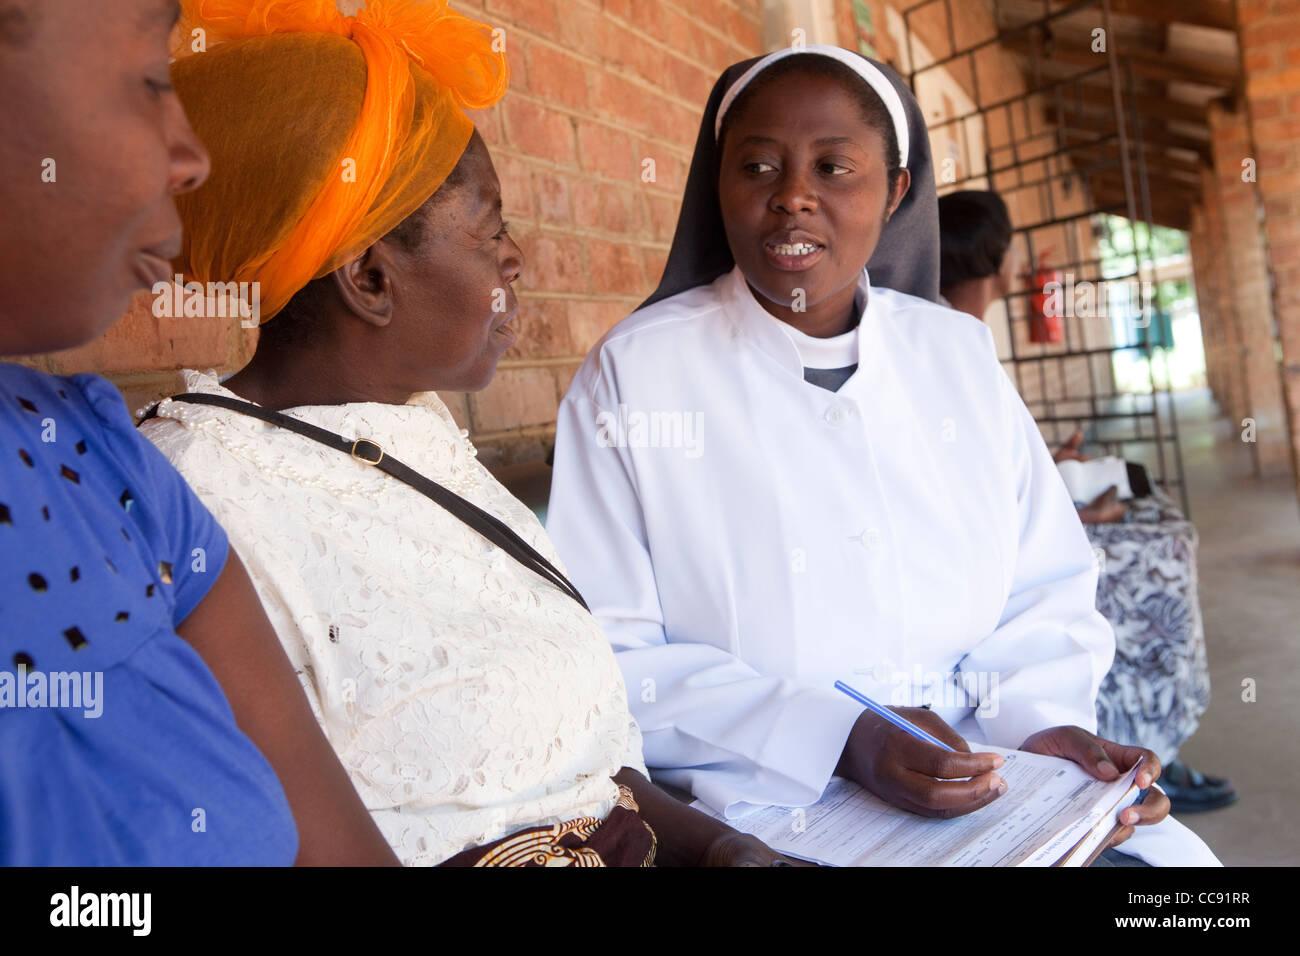 Un professionnel de la santé consulte les patients d'un hôpital catholique à Ibenga, Zambie, Afrique du Sud. Banque D'Images